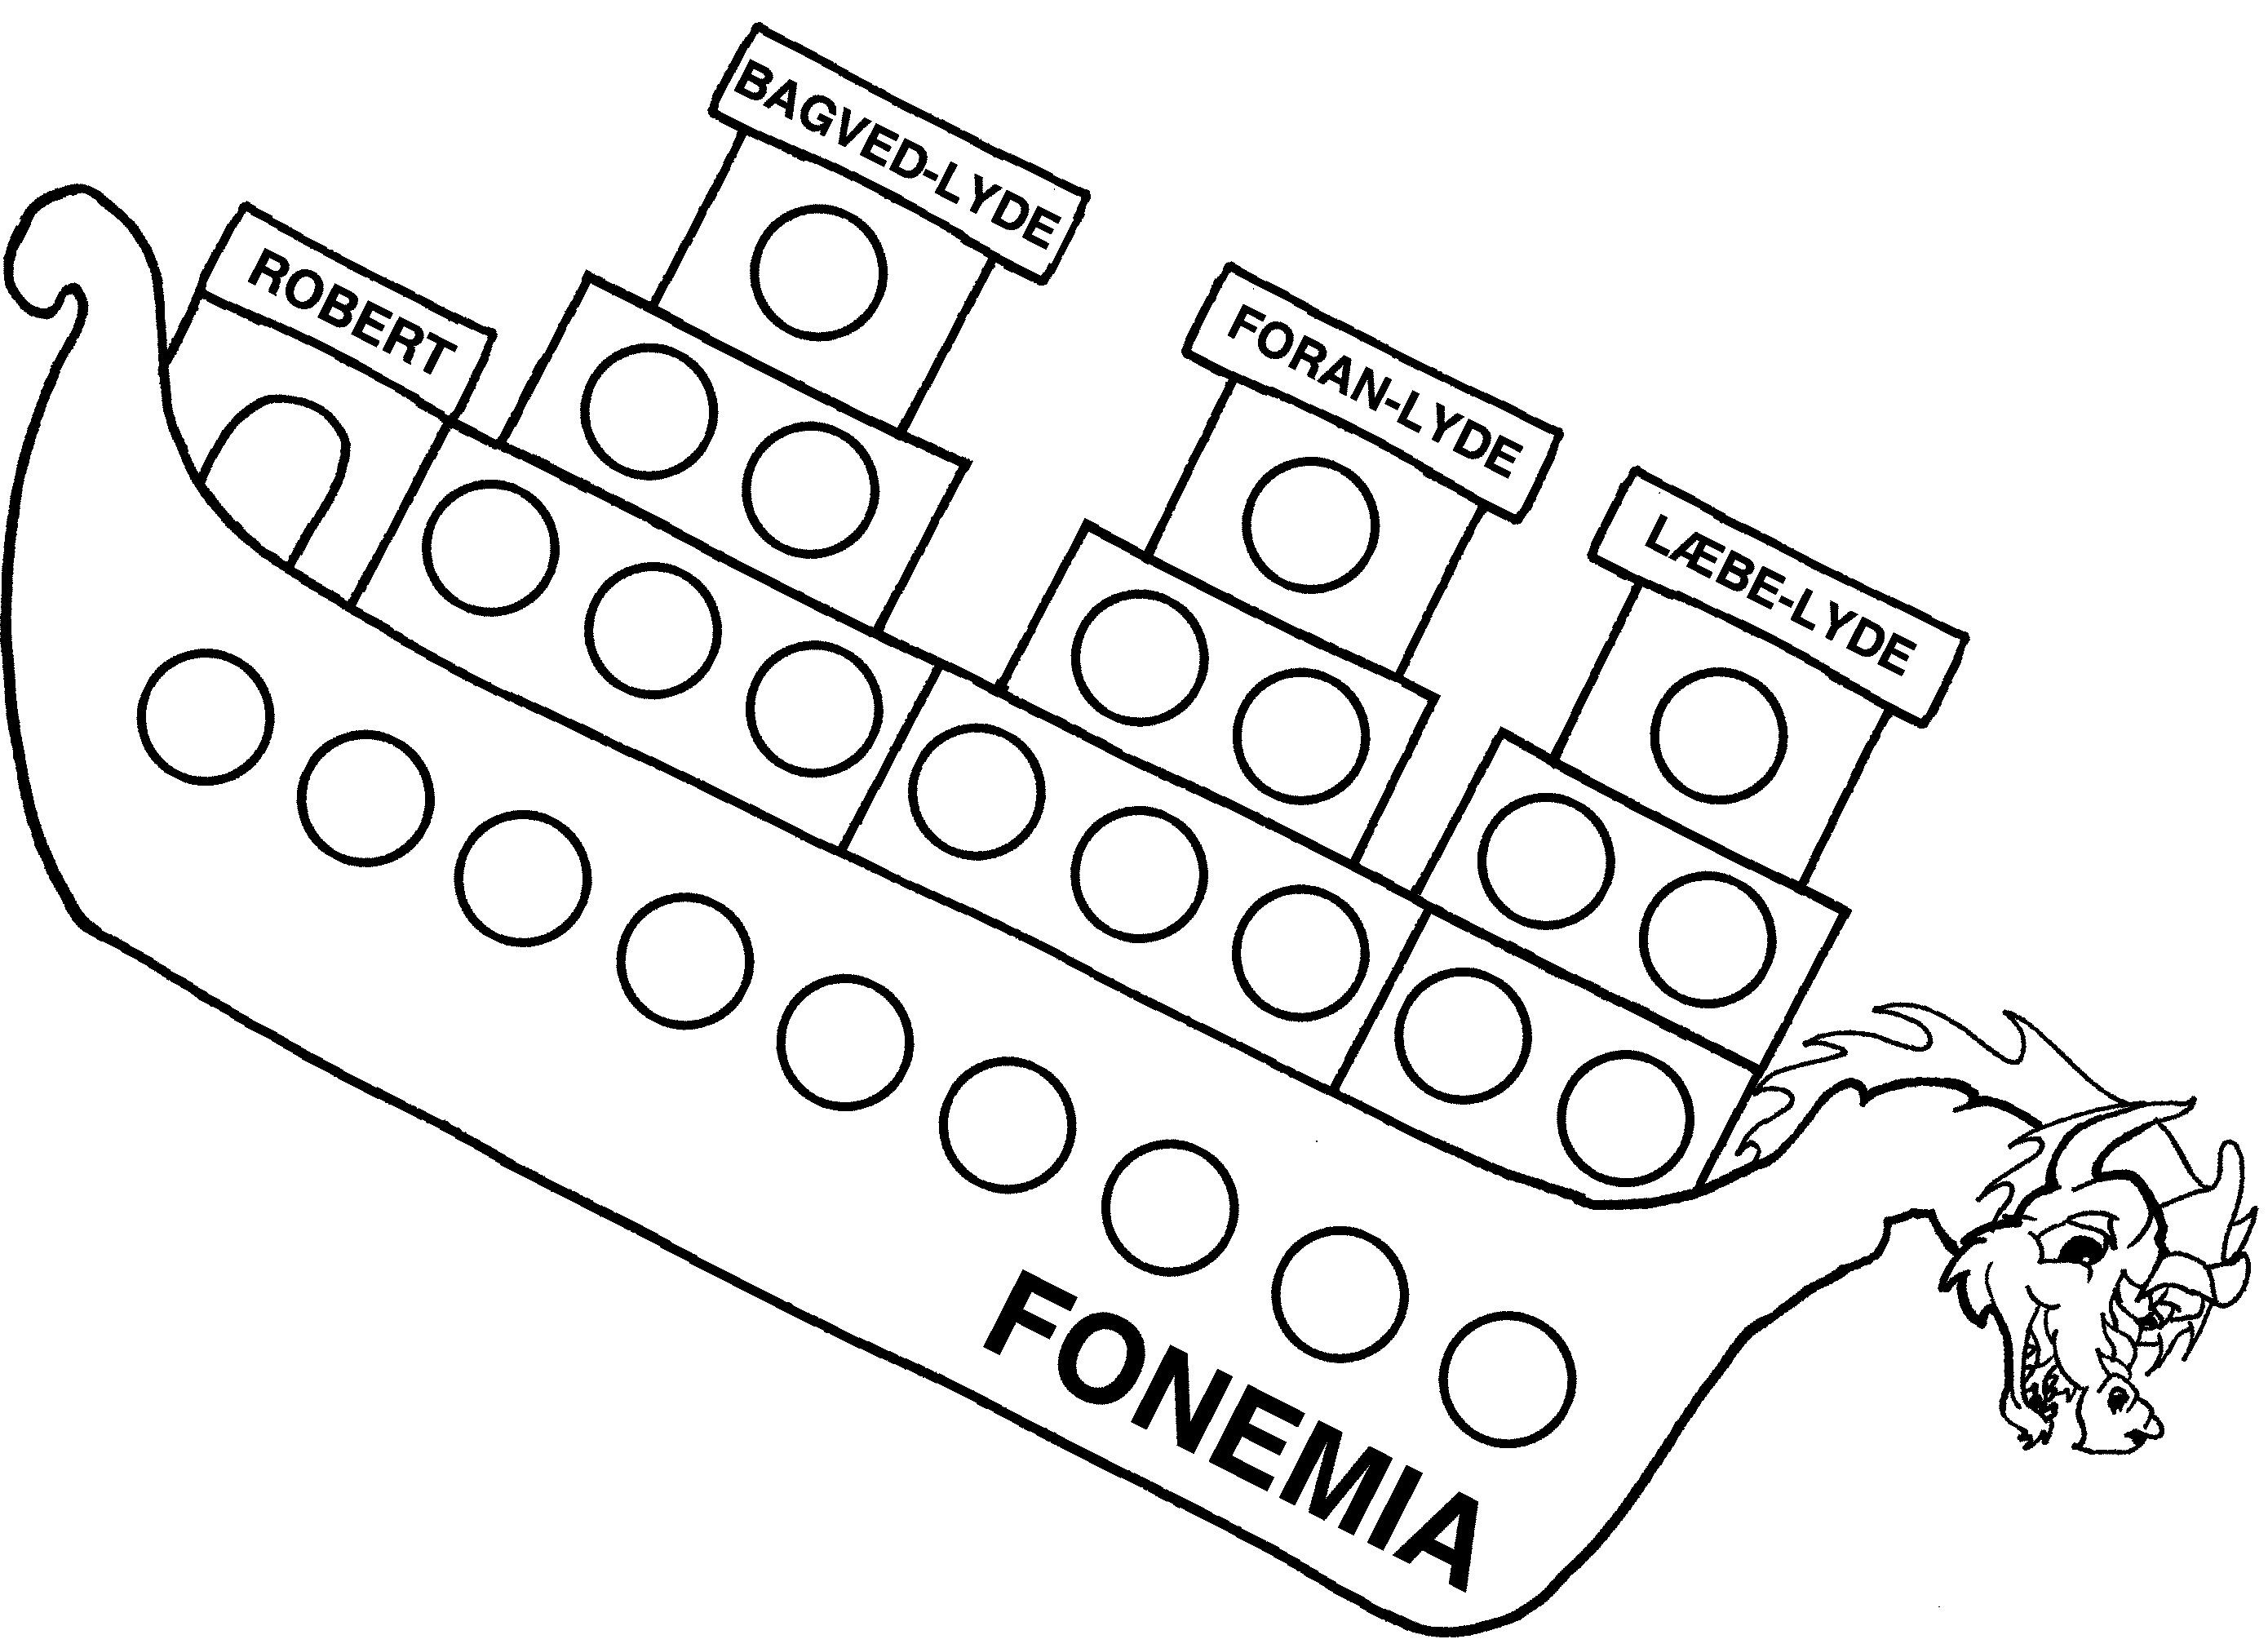 099-fonemia